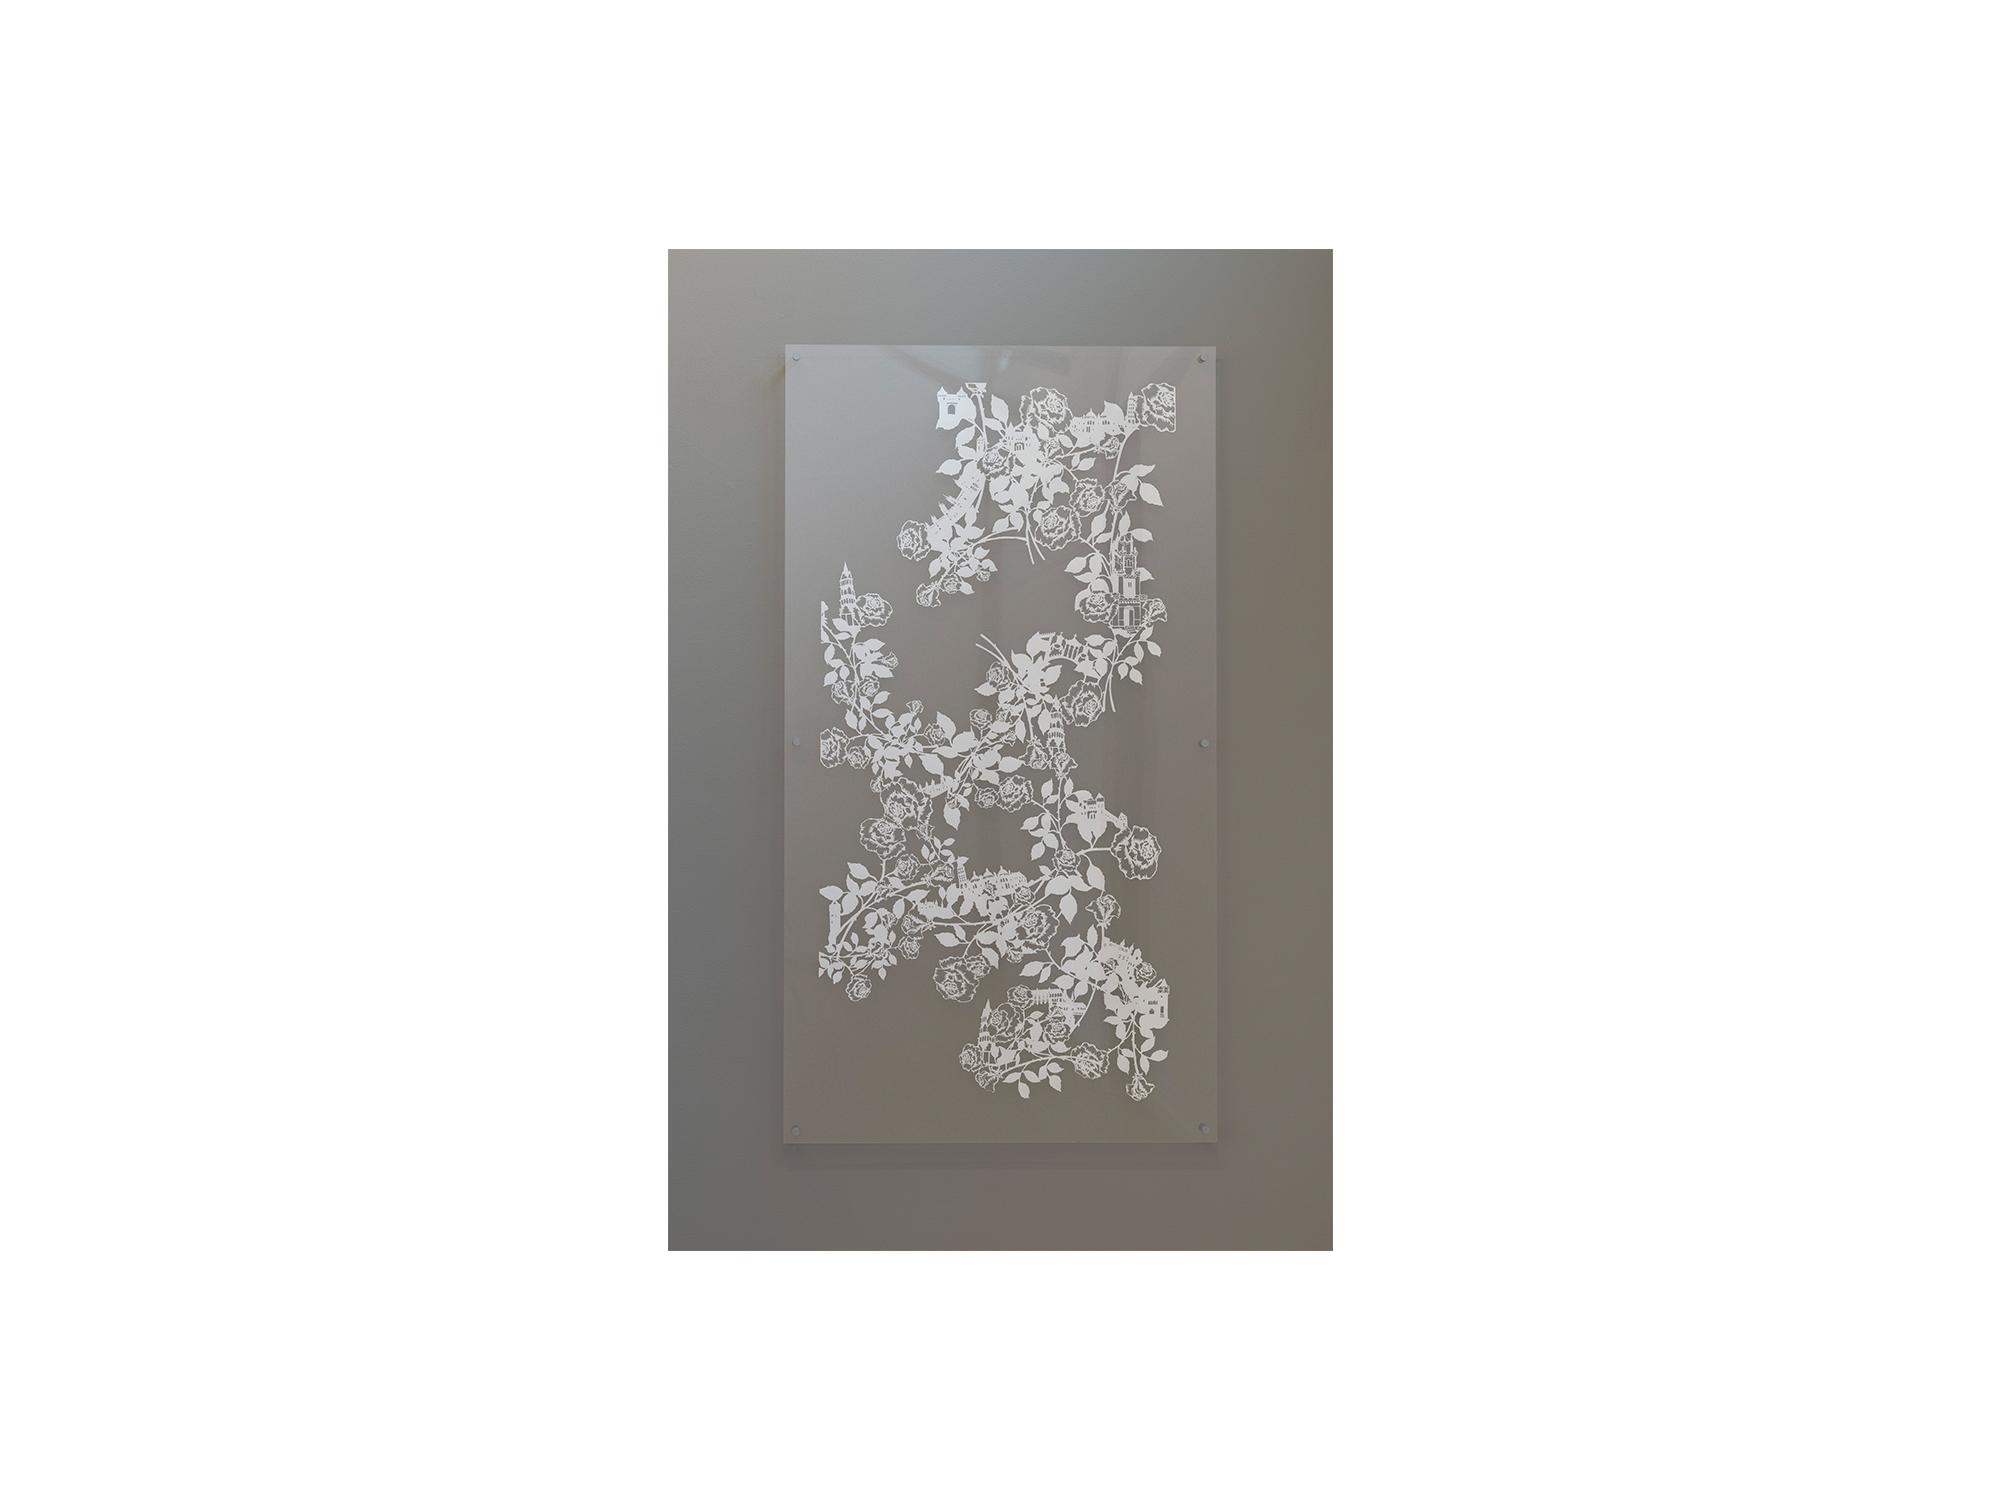 Emma van Leest   Recital,      2010 hand-cut archival paper mounted between perspex 167 x 117cm